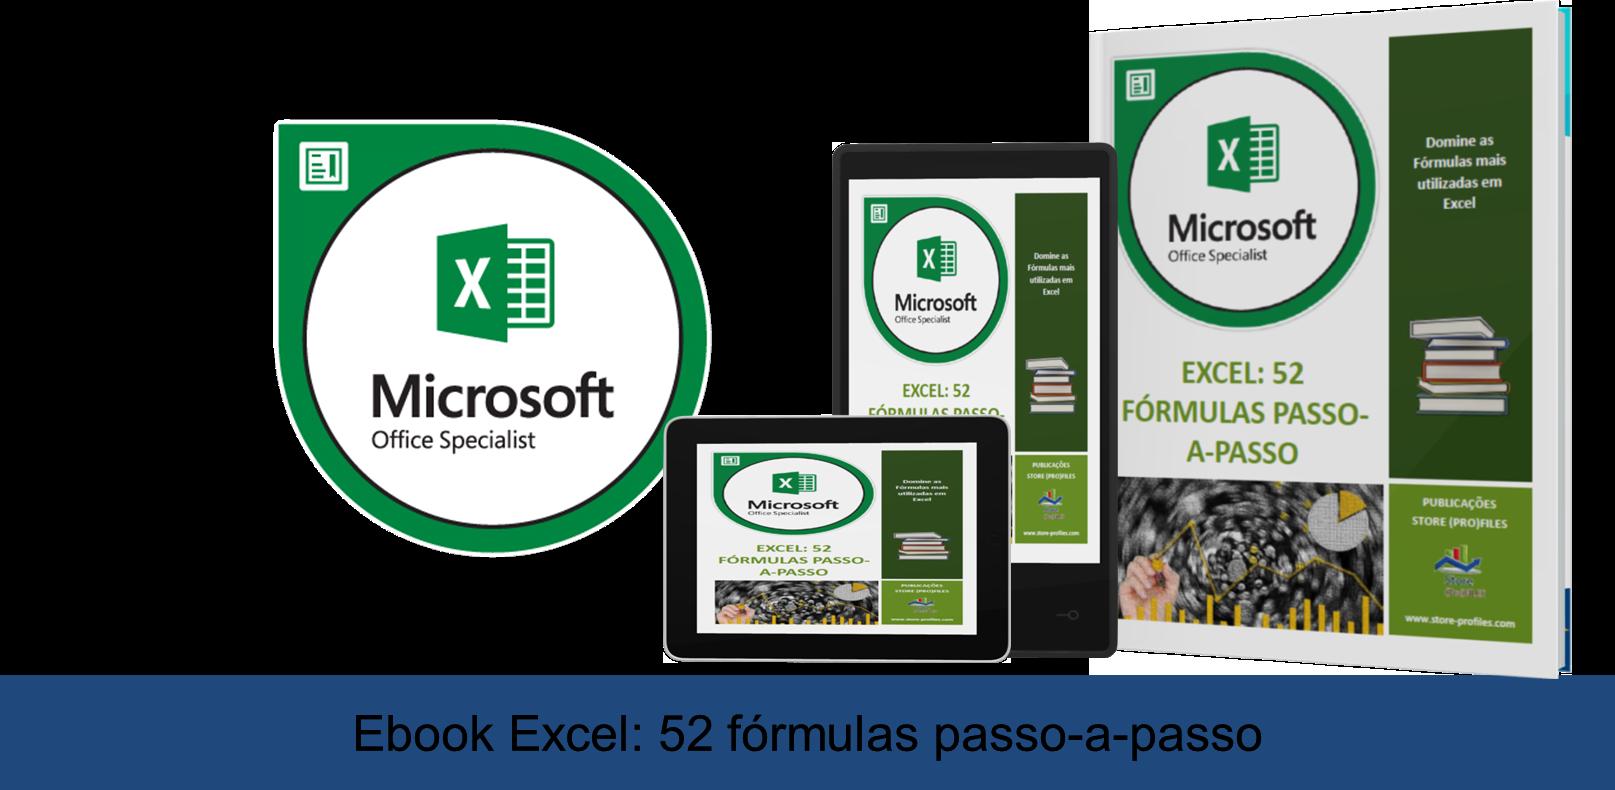 Capa site Ebook Excel 52 fórmulas passo-a-passo